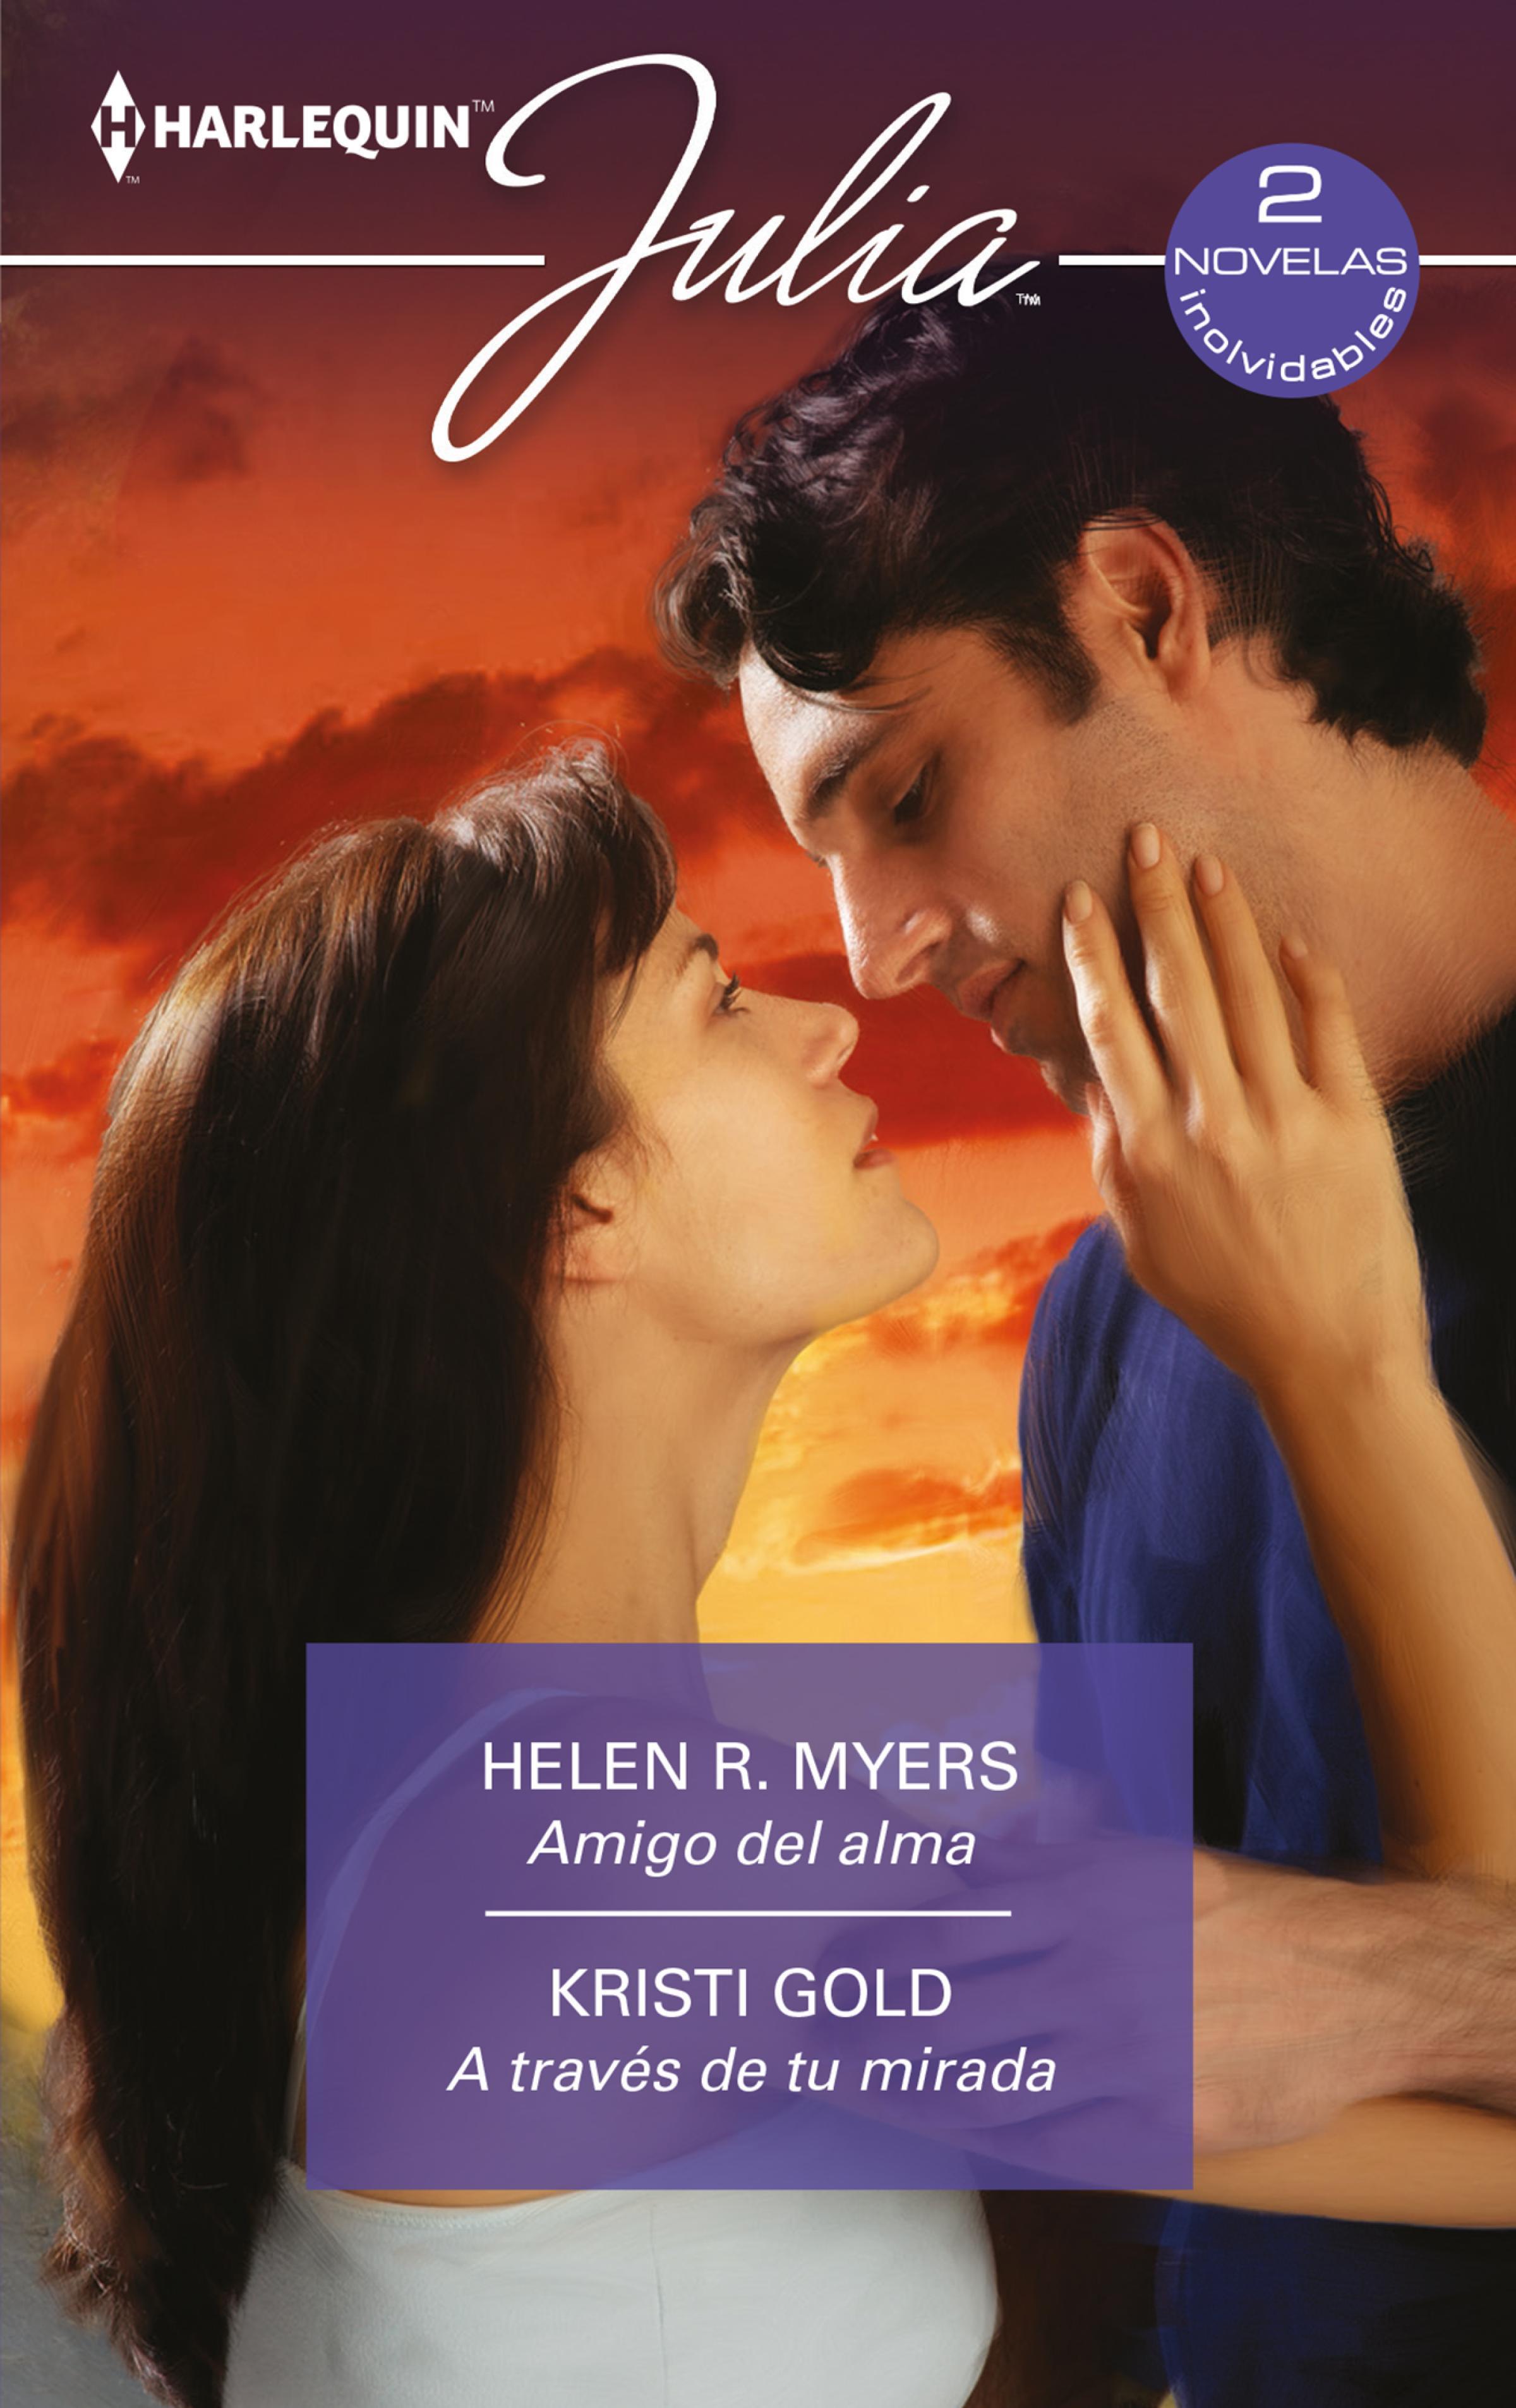 Helen R. Myers Amigo del alma - A través de tu mirada helen myers r the officer and the renegade